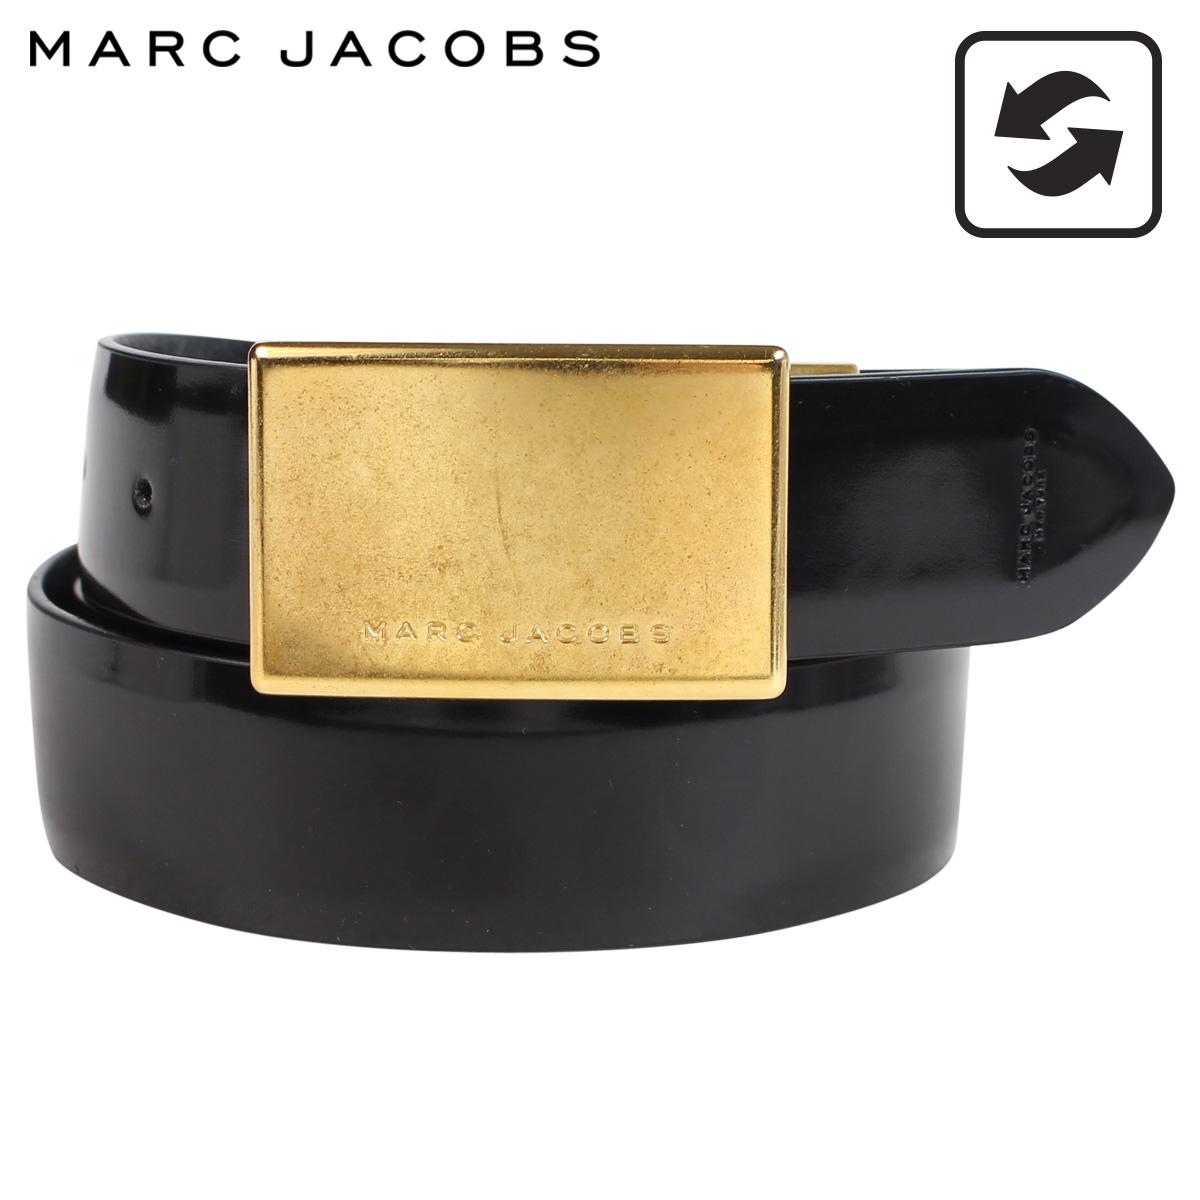 MARC JACOBS マークジェイコブス ベルト レザーベルト メンズ 本革 リバーシブル MJ REGIMENT BELT ブラック S84TP0158